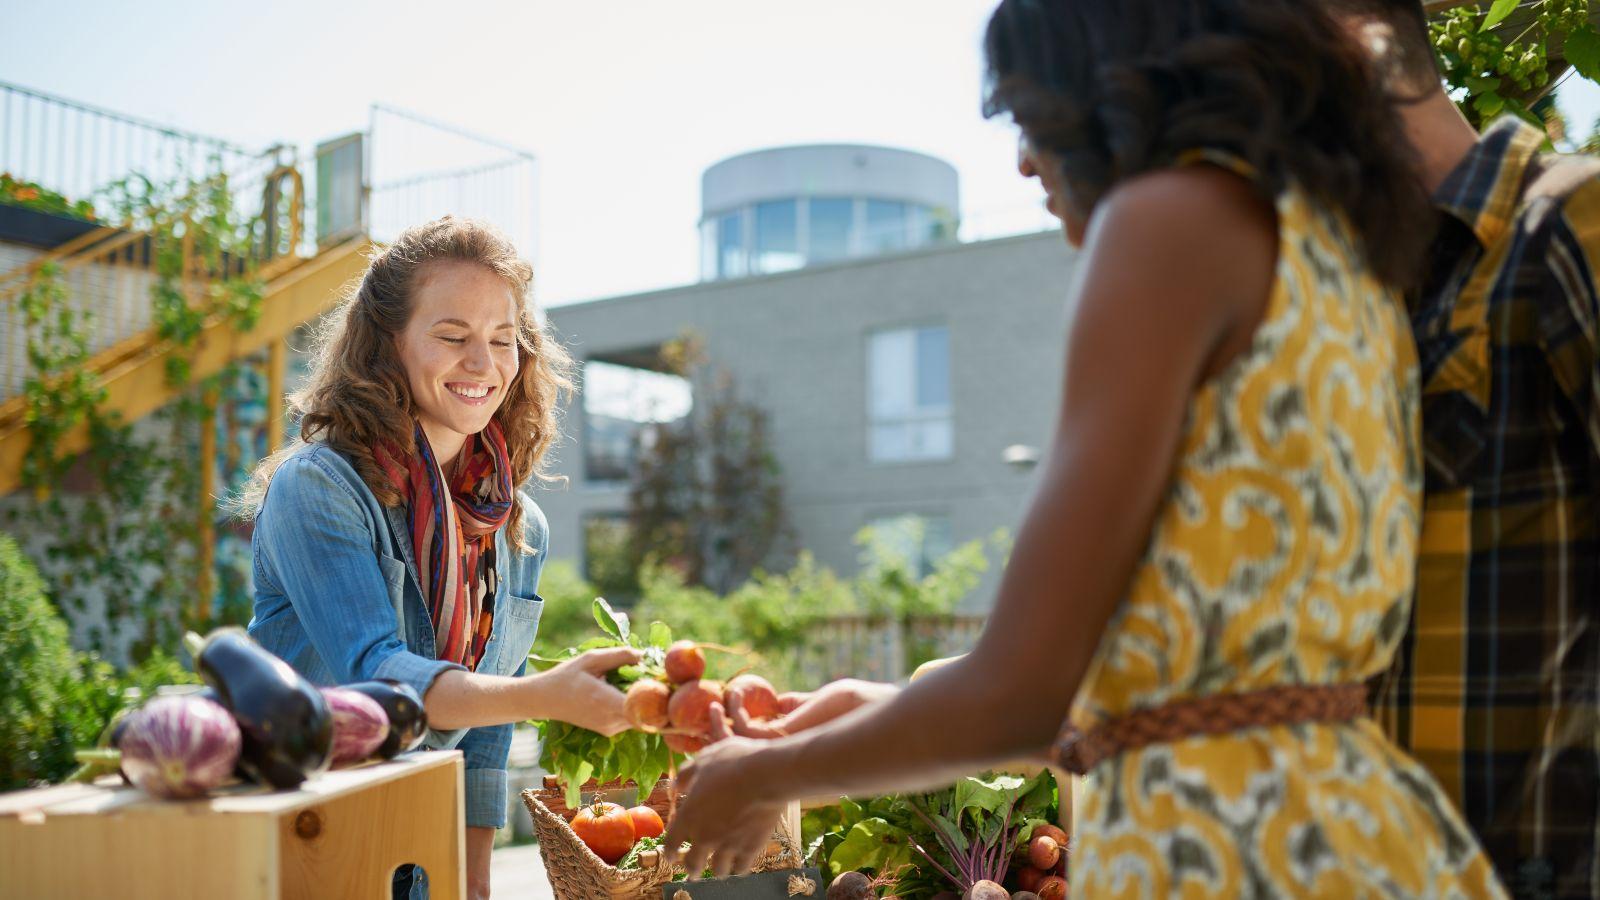 Eine Frau verkauft Gemüse an einem Stand in einem Dachgarten.